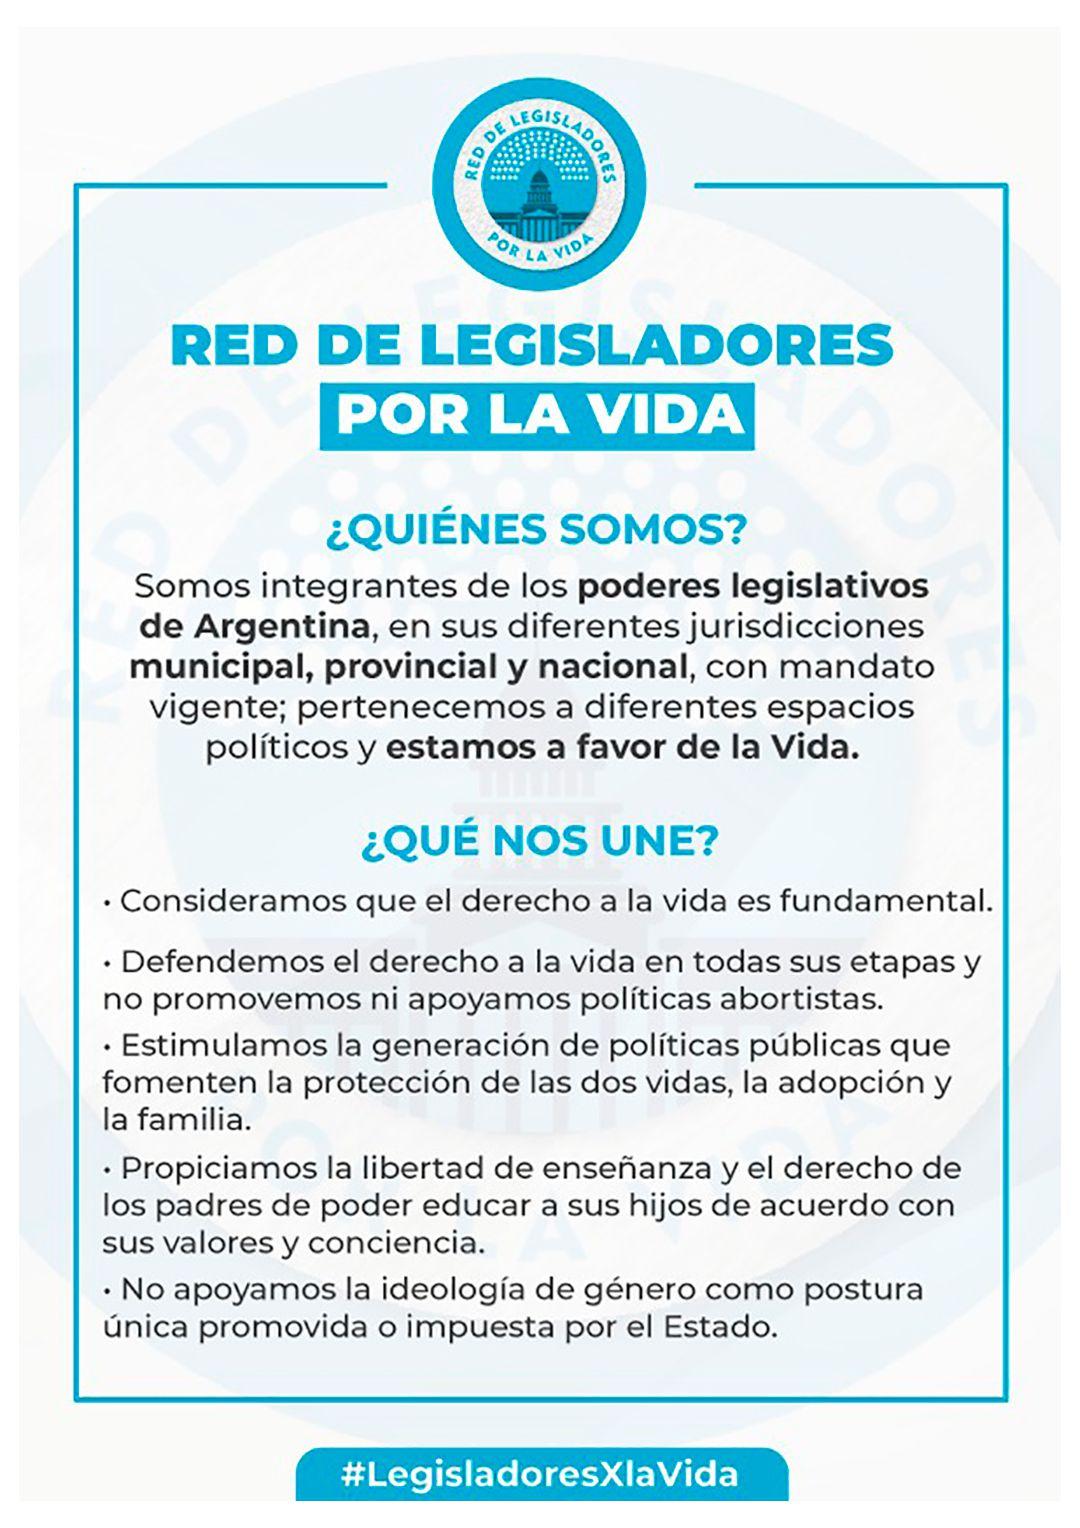 Legisladores por la vida